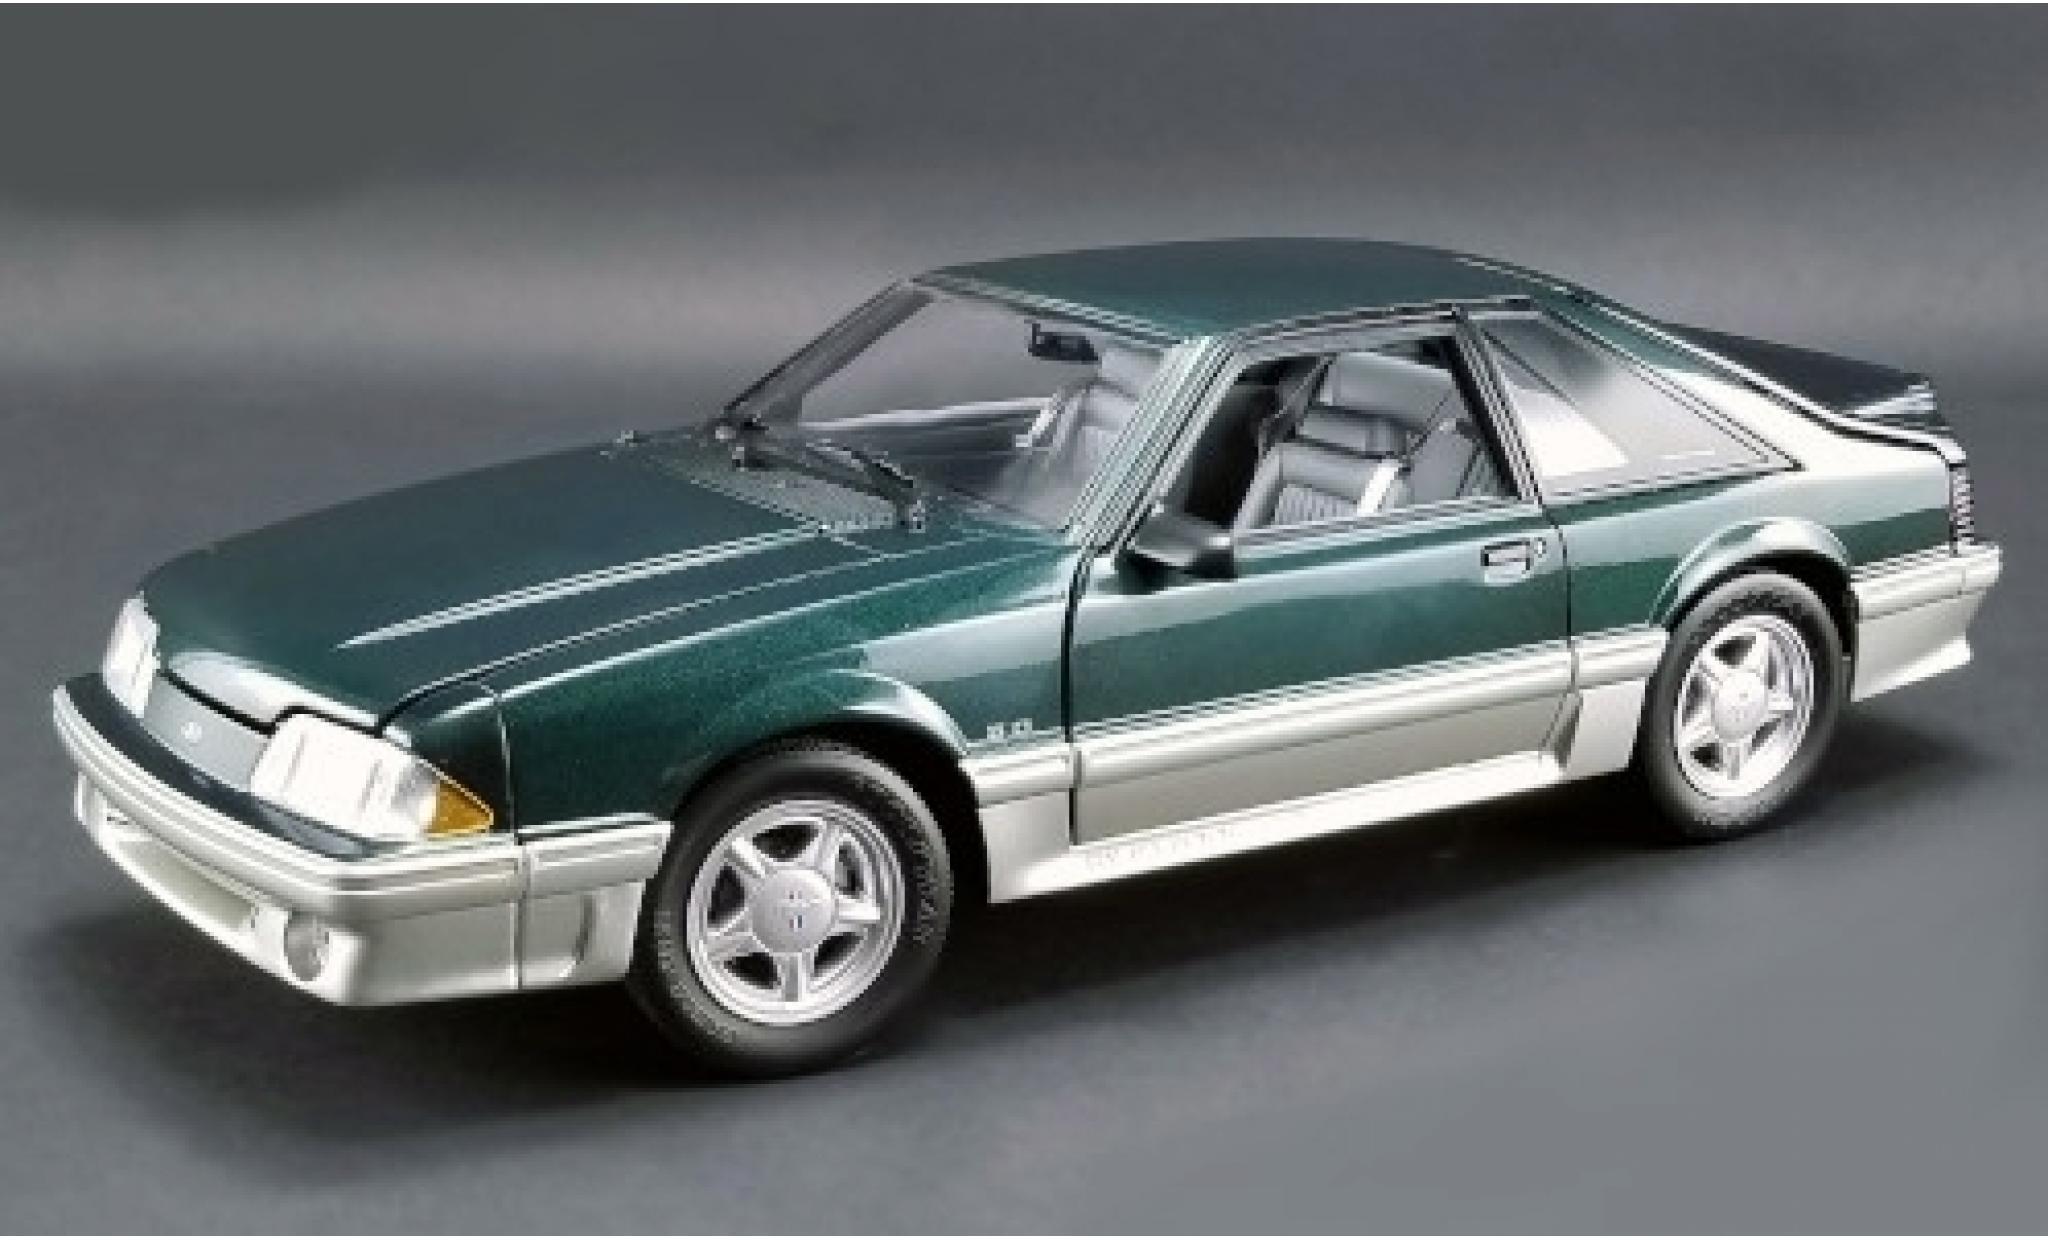 Ford Mustang 1/18 GMP GT métallisé verte/grise Home Improvement 1991